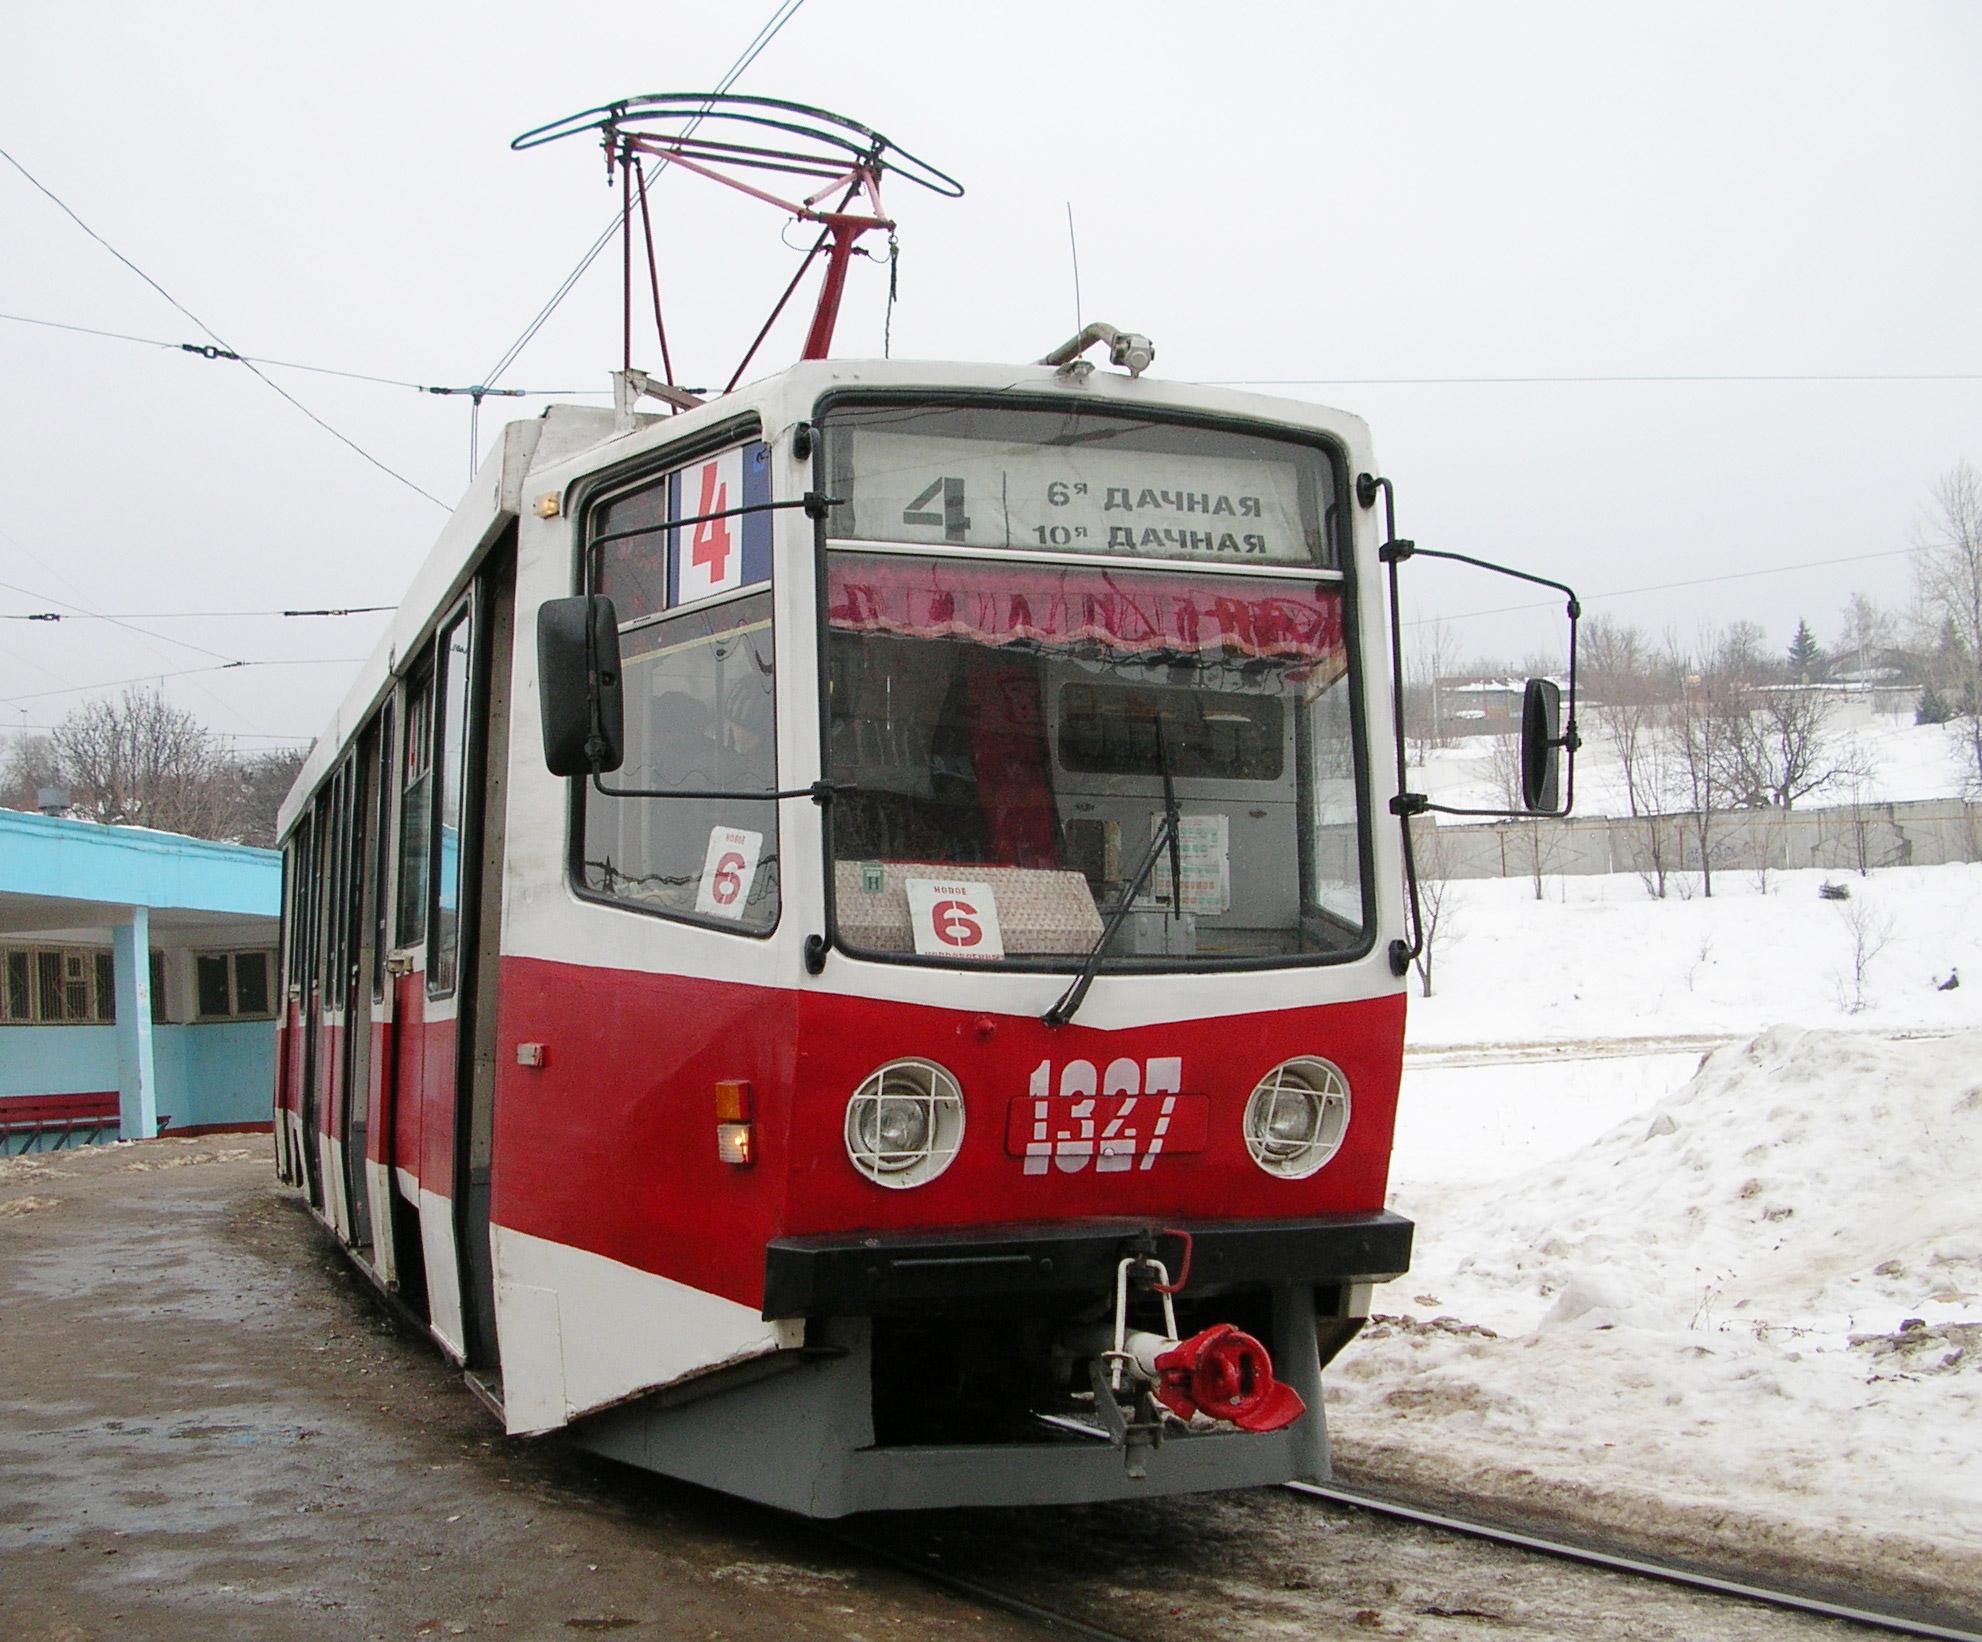 Файл:Saratov tram 1327.jpg